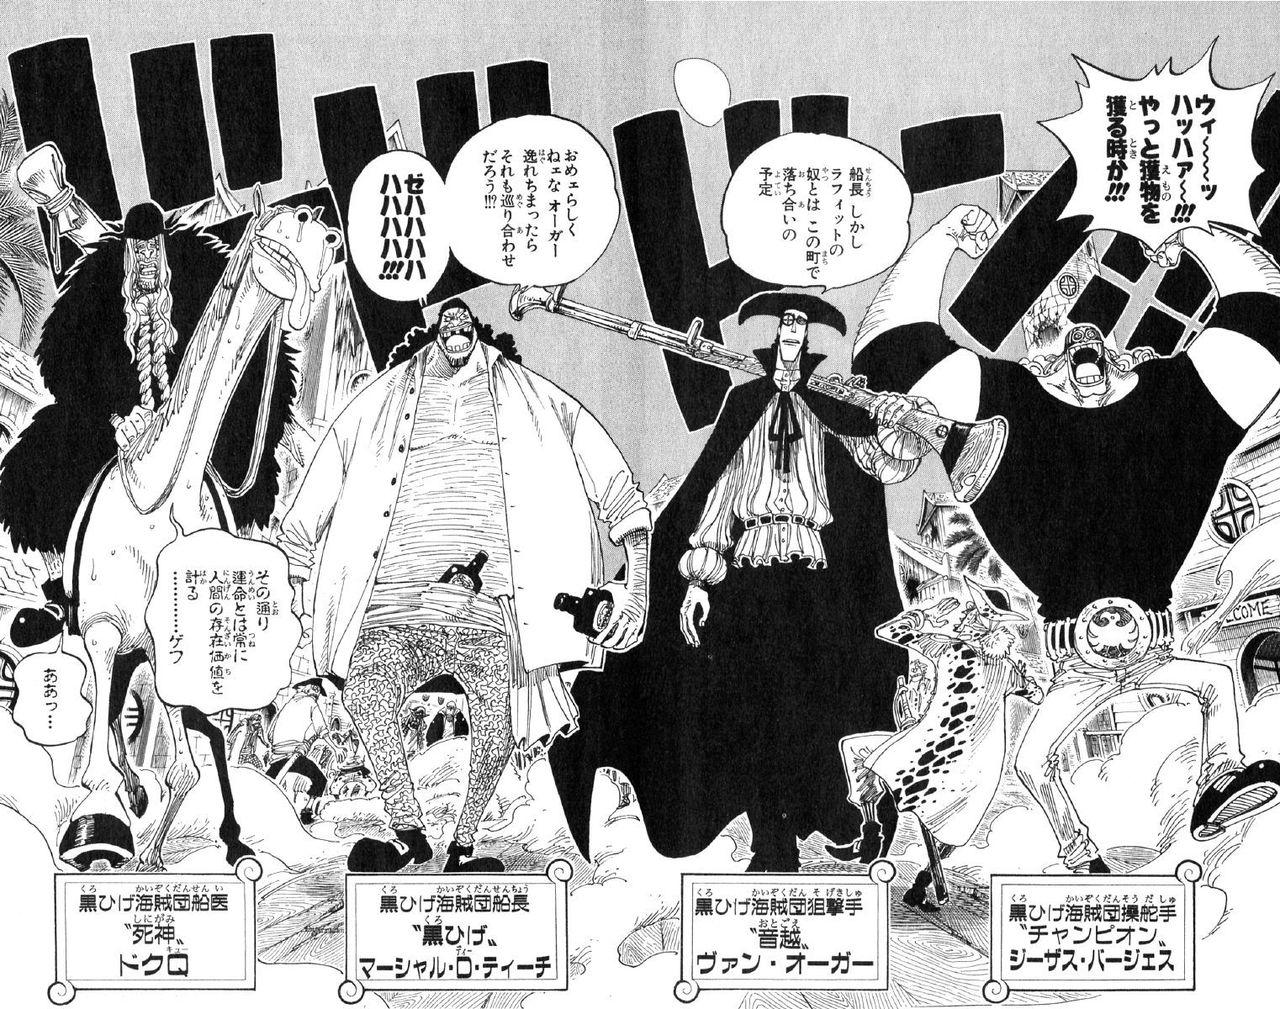 黒ひげ海賊団メンバーの能力を解説 10人目の船長と能力者狩りを考察してみた 未来の本棚